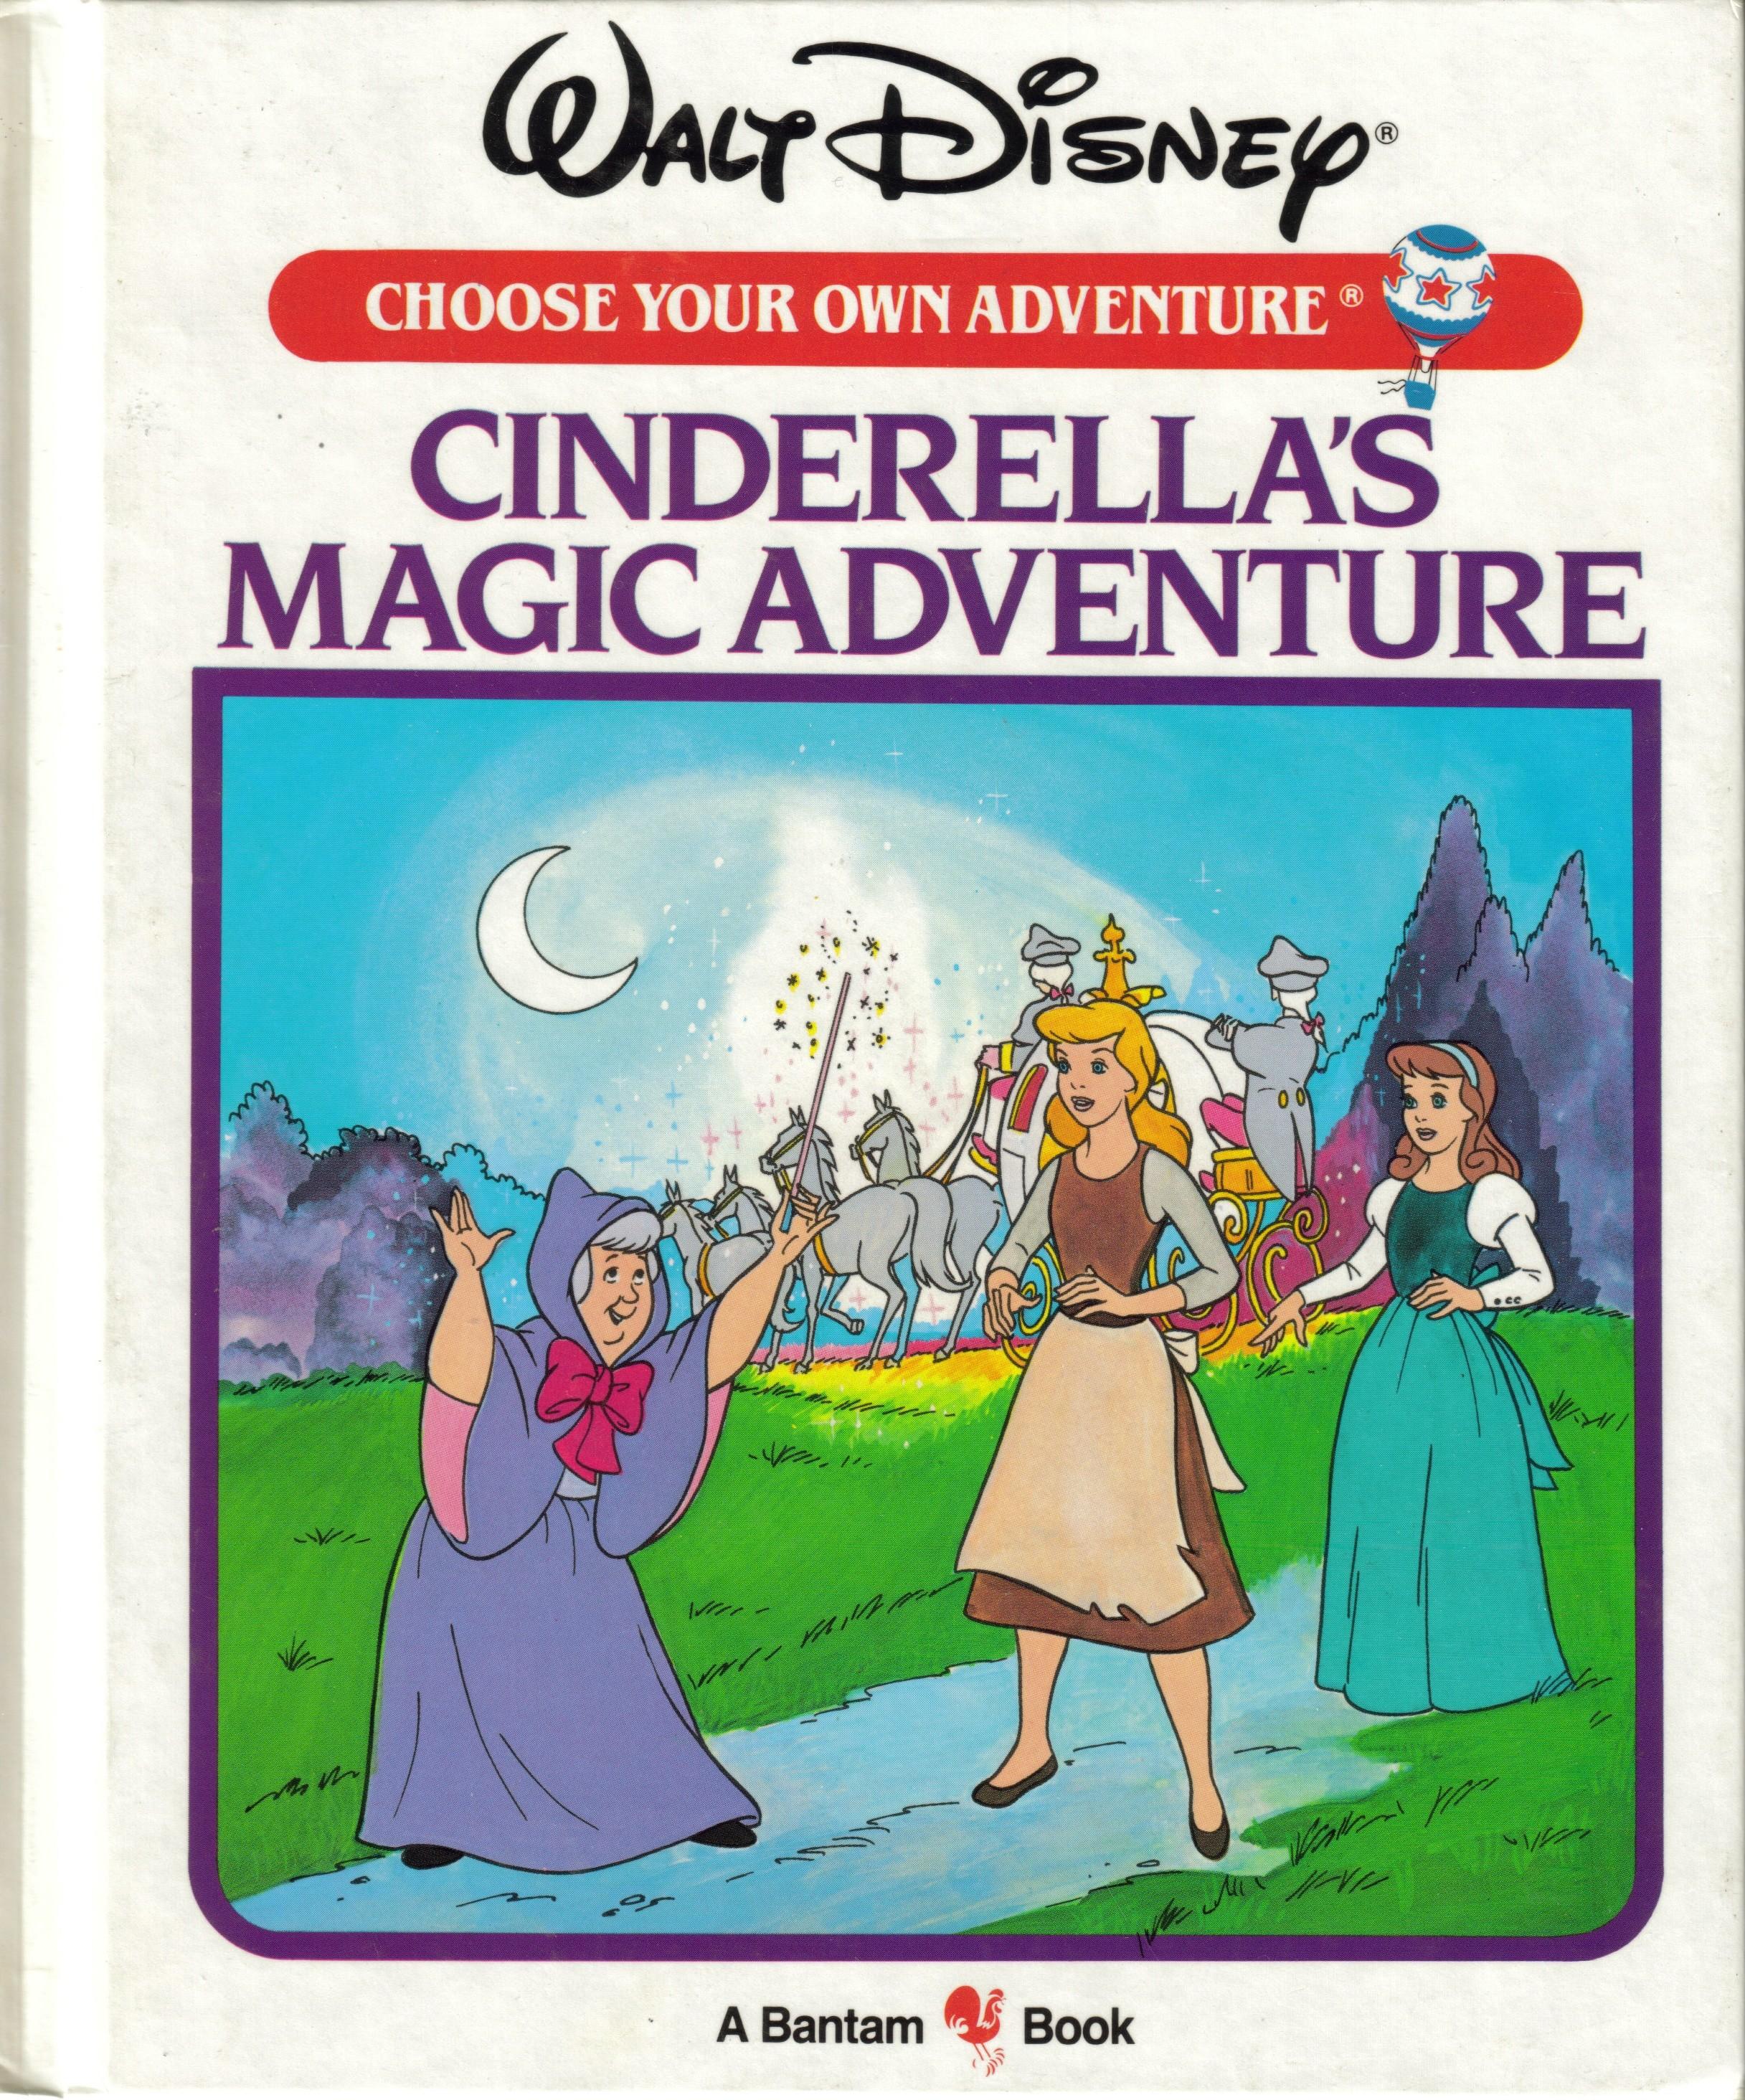 Cinderella's Magic Adventure